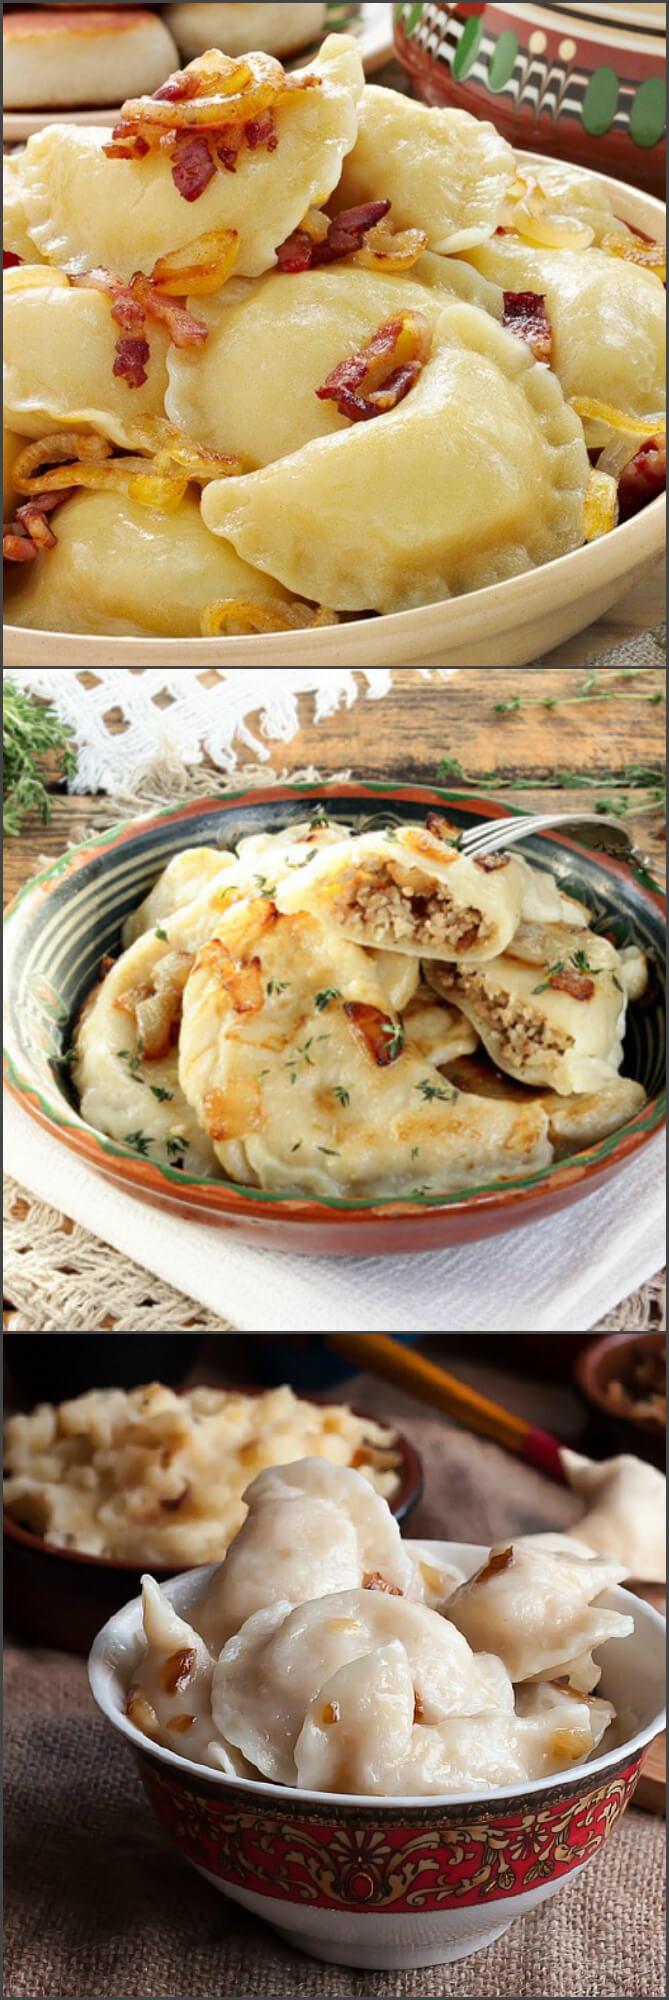 Пошаговый фото рецепт вареников с капустой